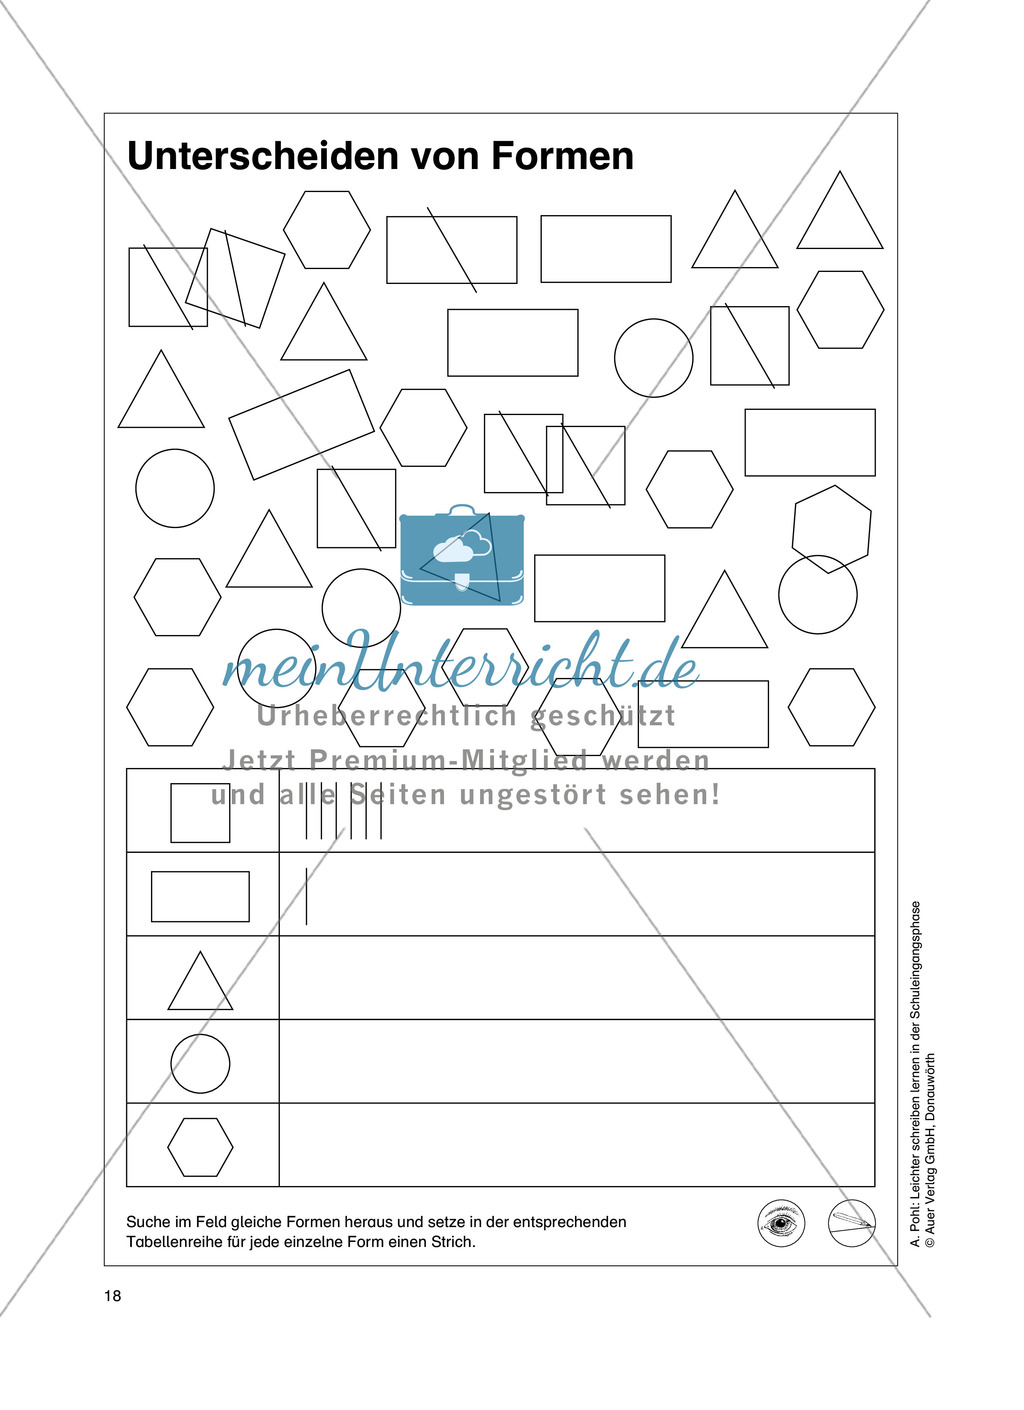 """Feinmotorik und Wahrnehmung: """"Waagrechte - Senkrechte -Schräge Linien malen und schreiben"""" - Arbeitsblätter +Übungen Preview 9"""